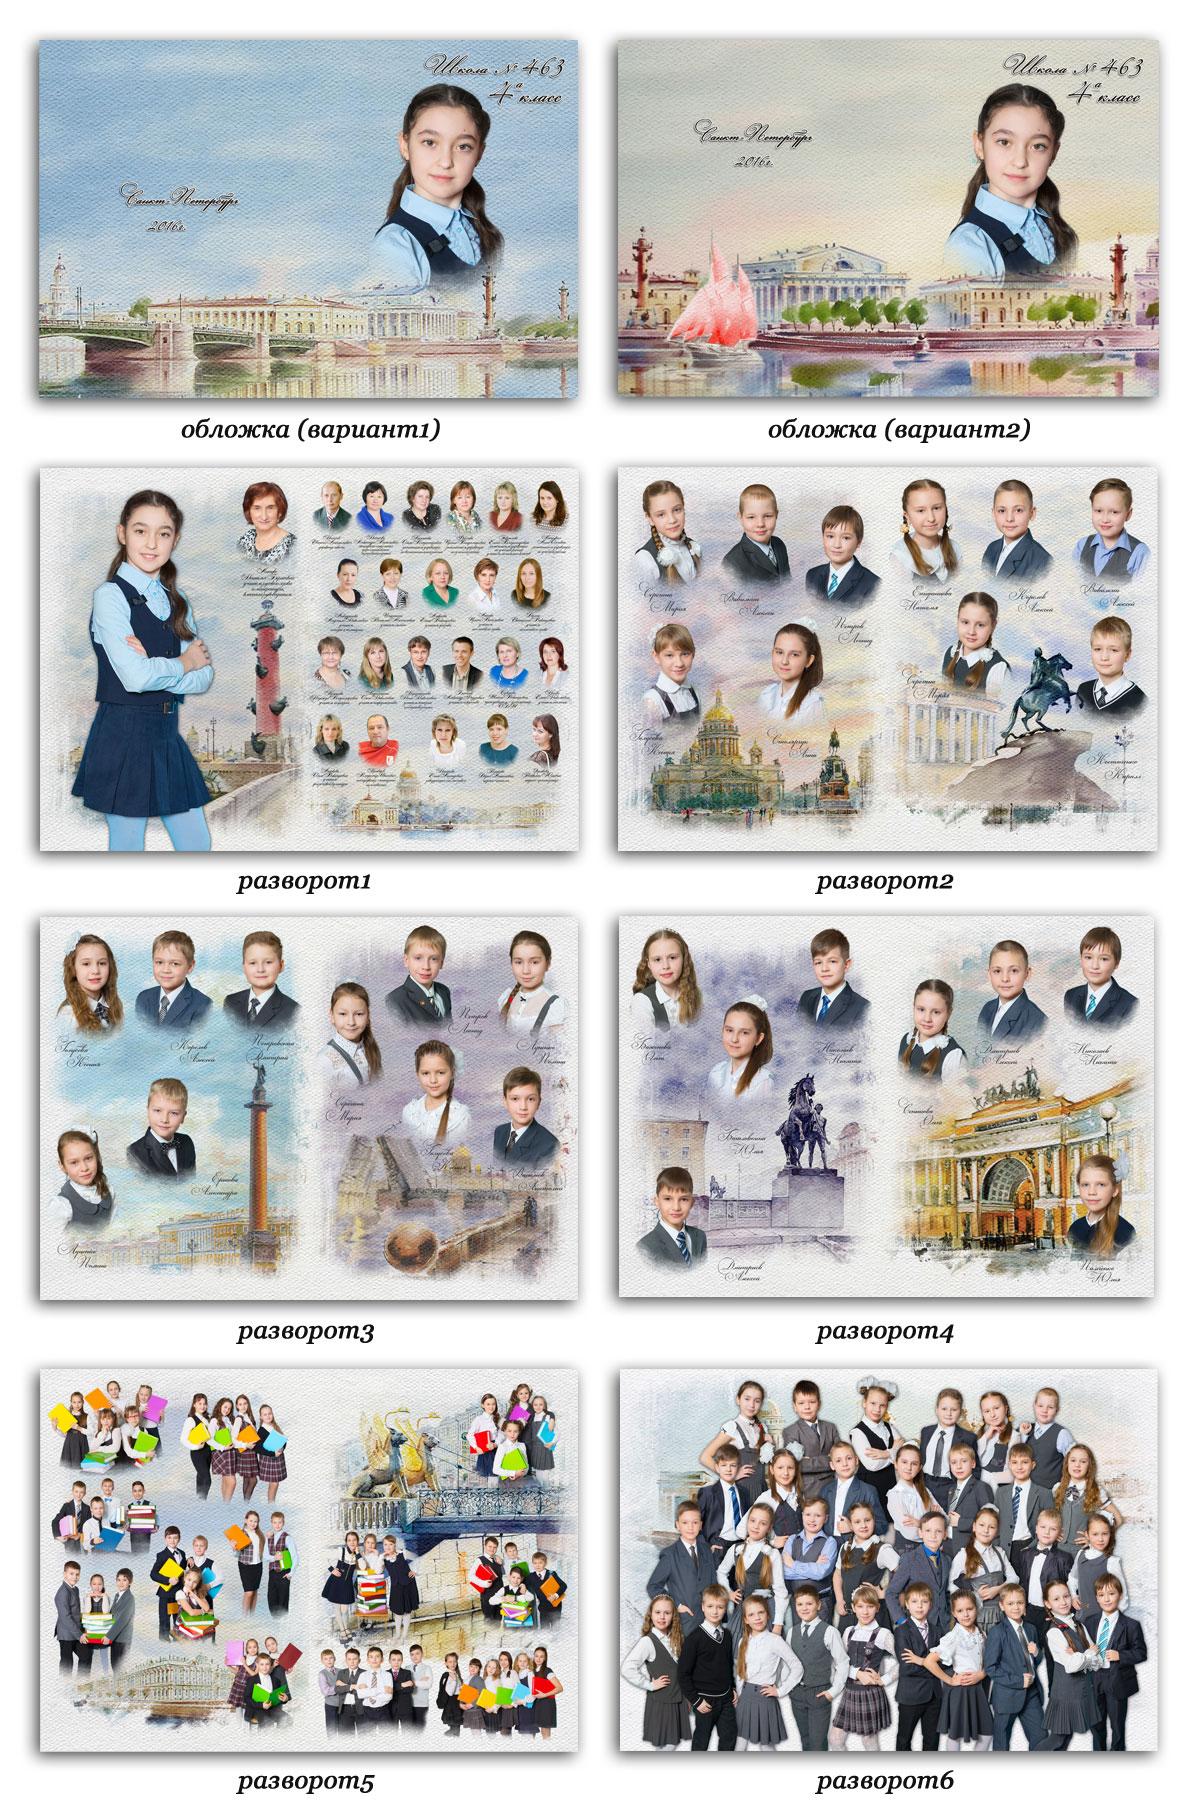 Дизайн разворотов страниц выпускного фотоальбома 4 класс «ПЕТЕРБУРГ (АКВАРЕЛЬ)»